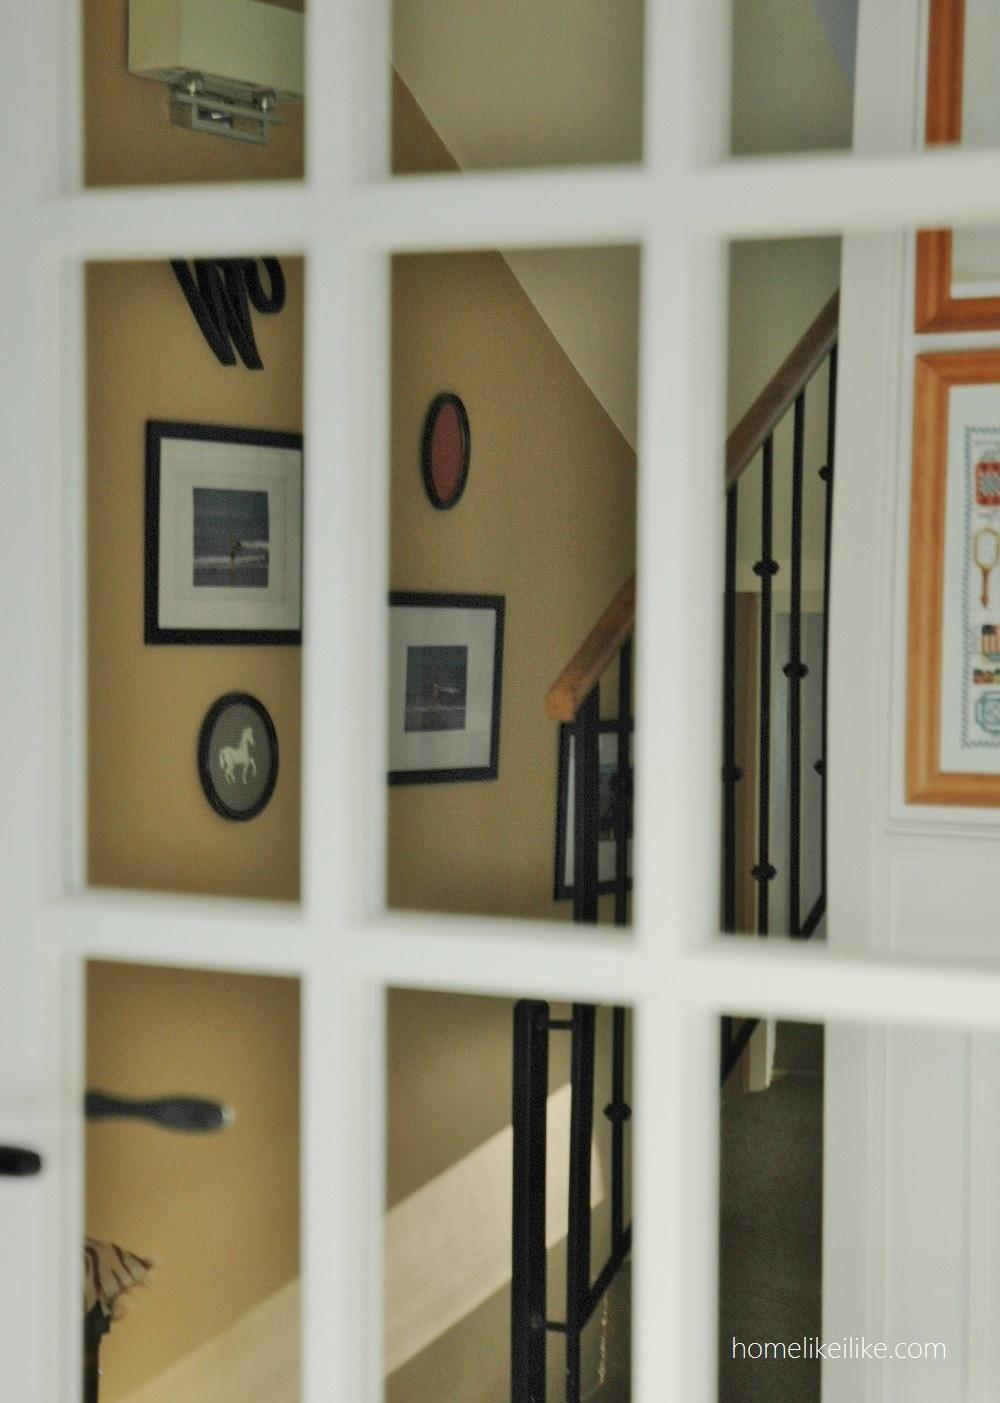 drzwi francuskie - homelikeilike.com